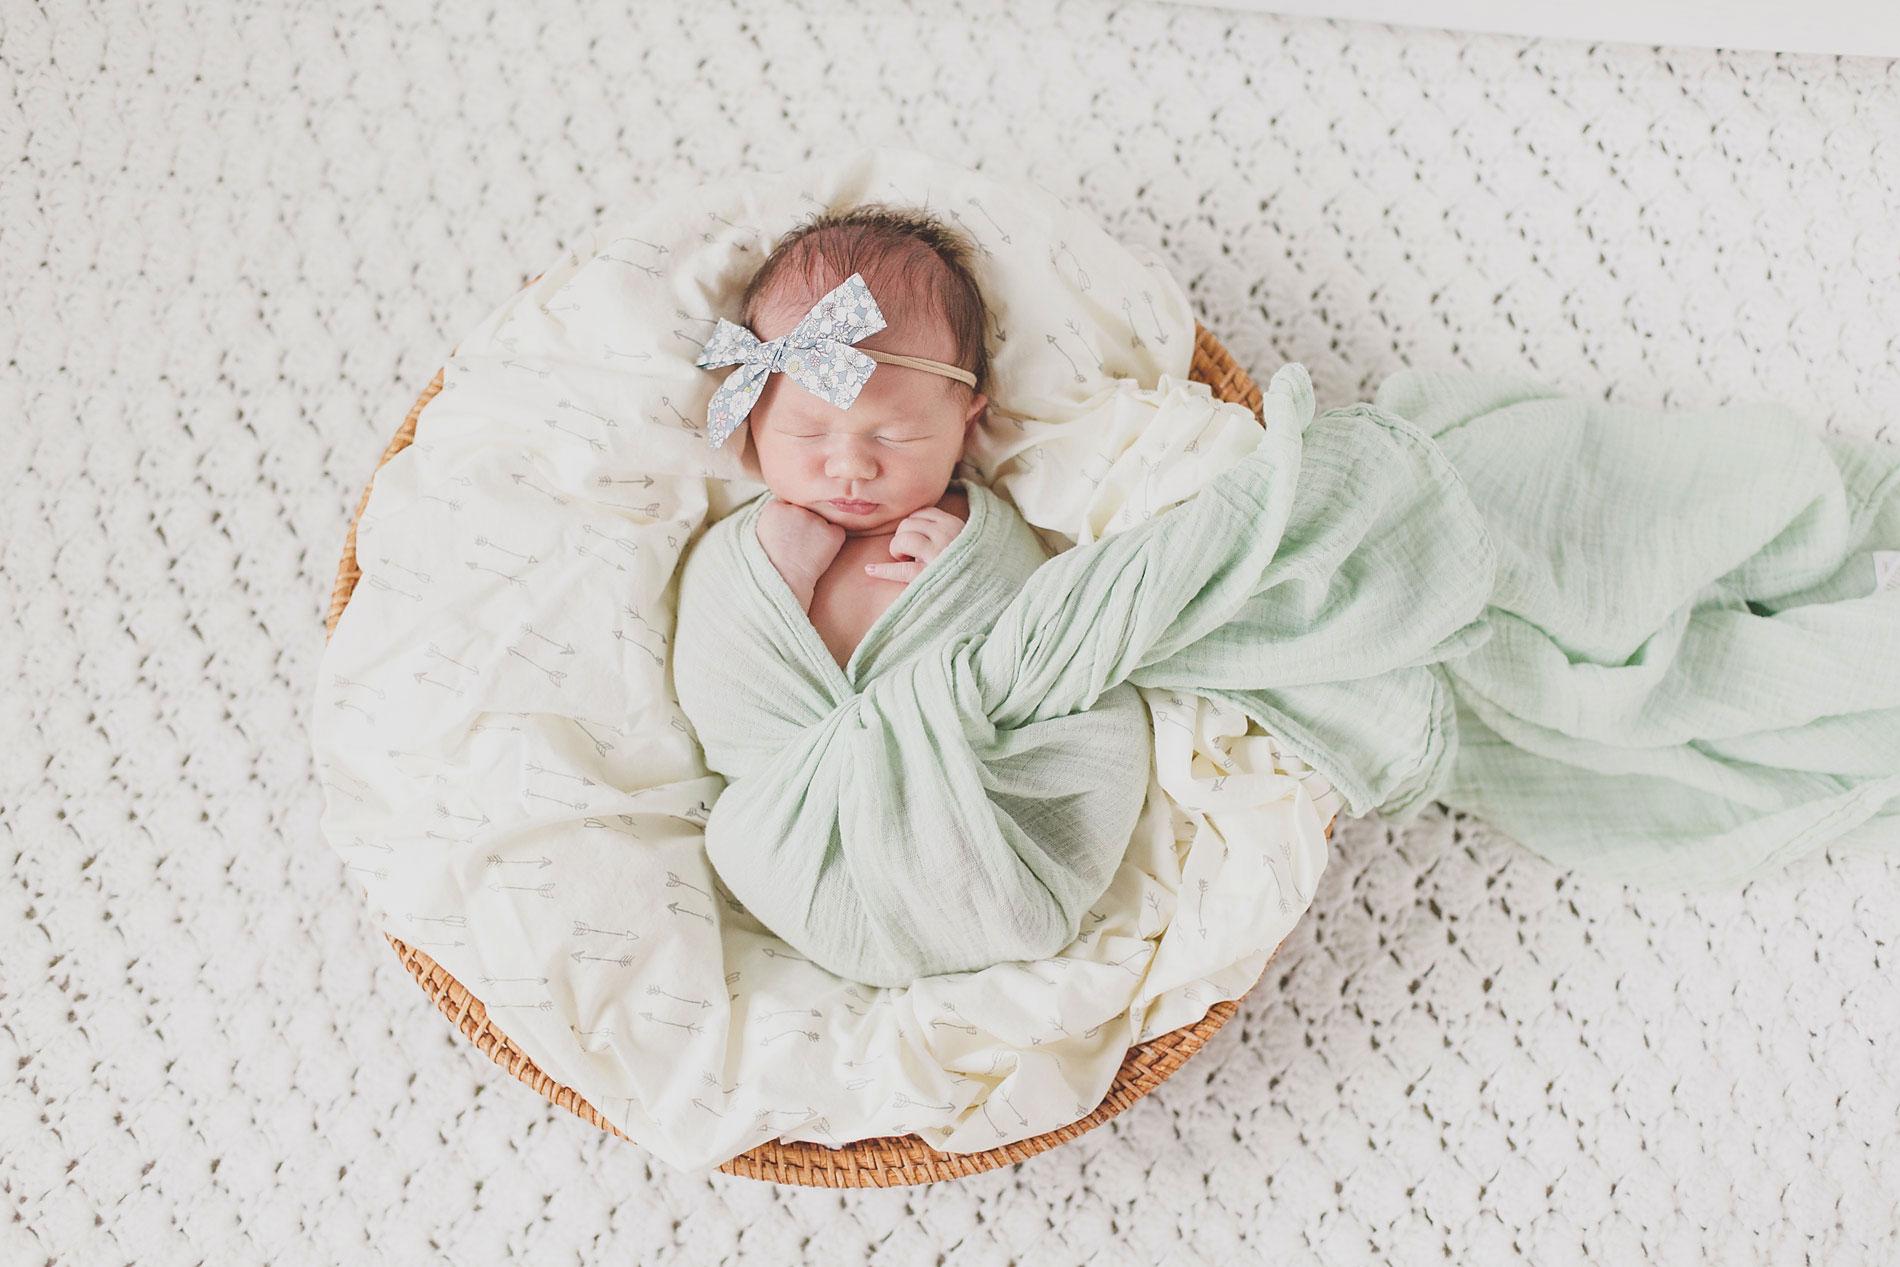 avery-newborn-girl-basket-bow-blanket.jpg